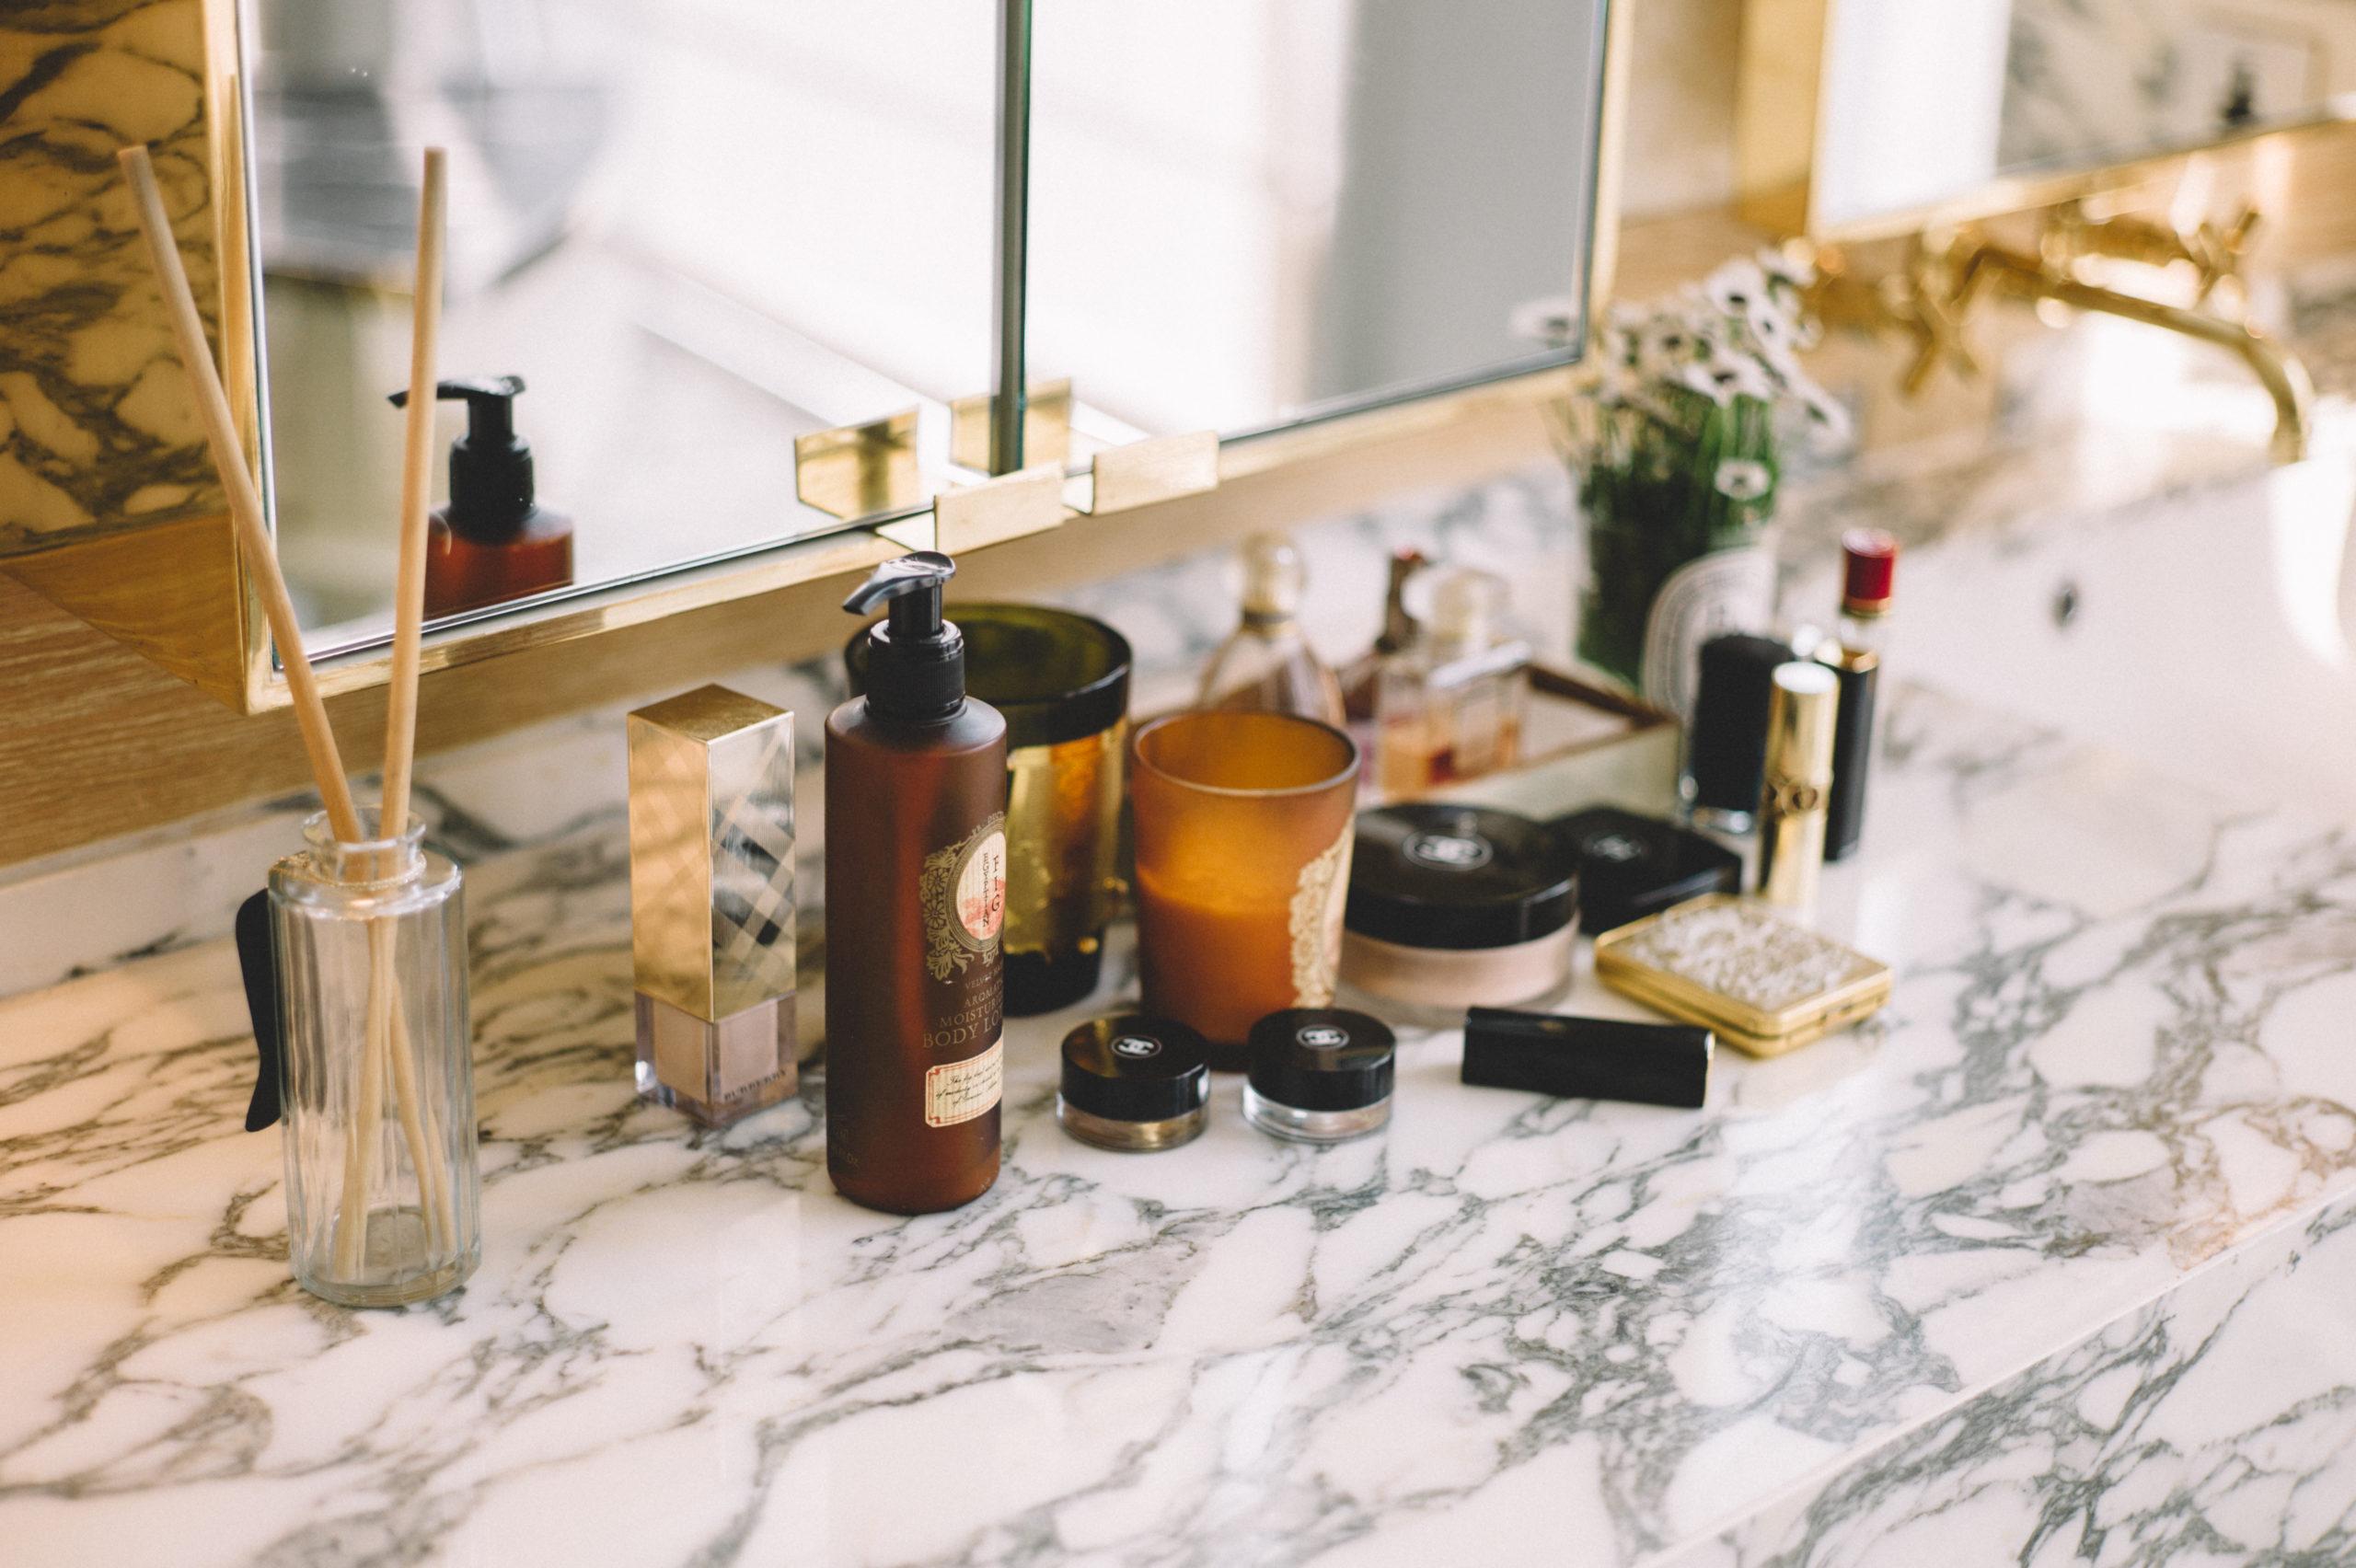 Cómo limpiar el mármol - baño superficie marmol